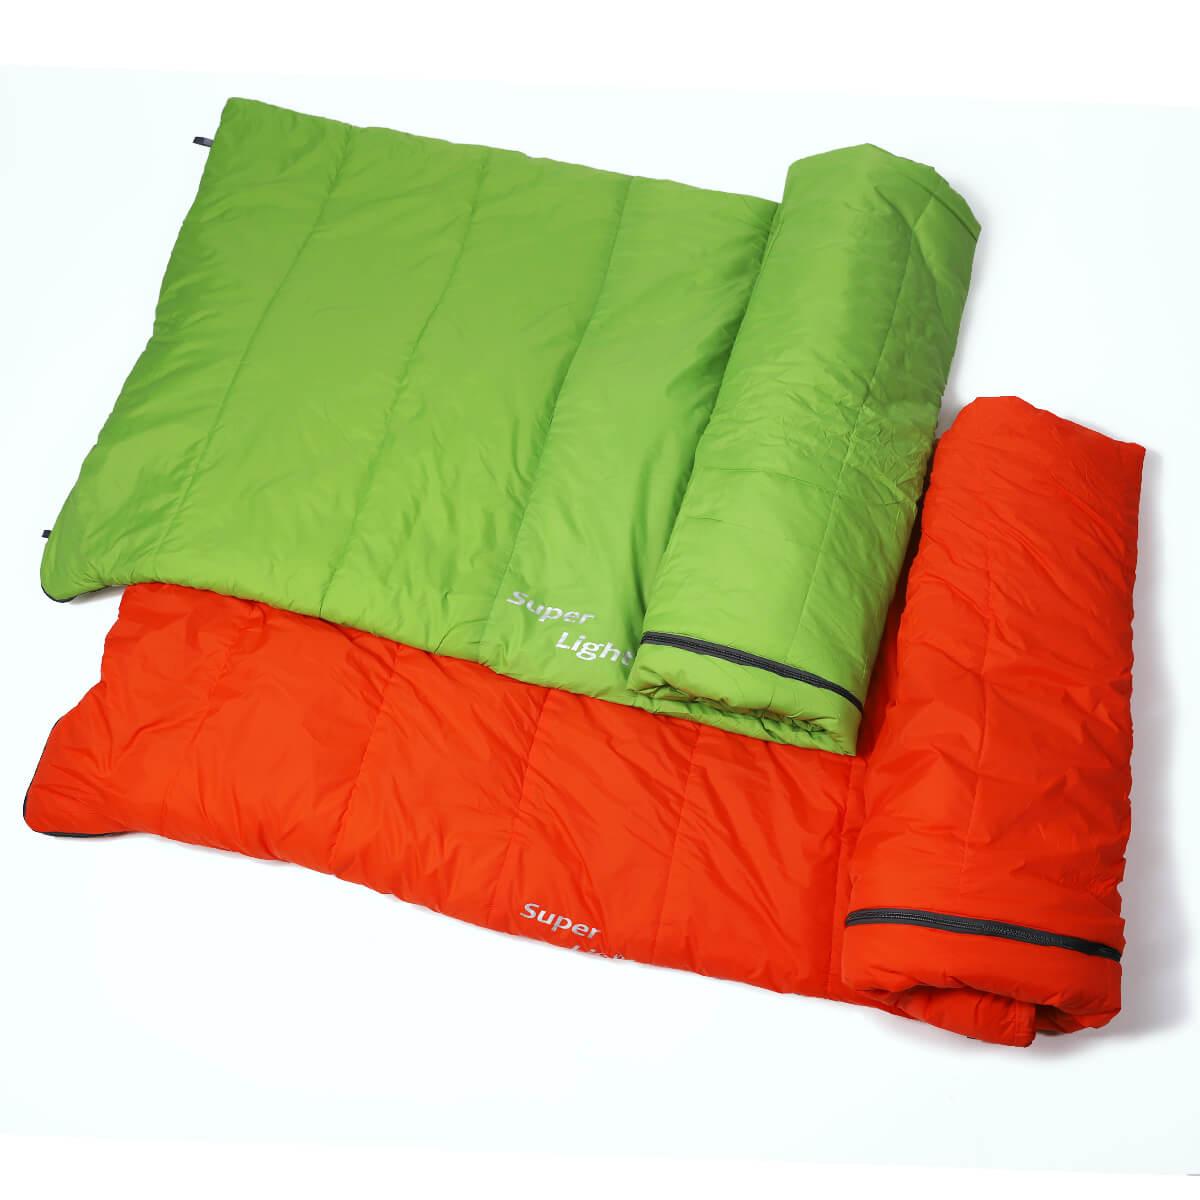 Спальный мешок BASK SUPER LIGHT фото